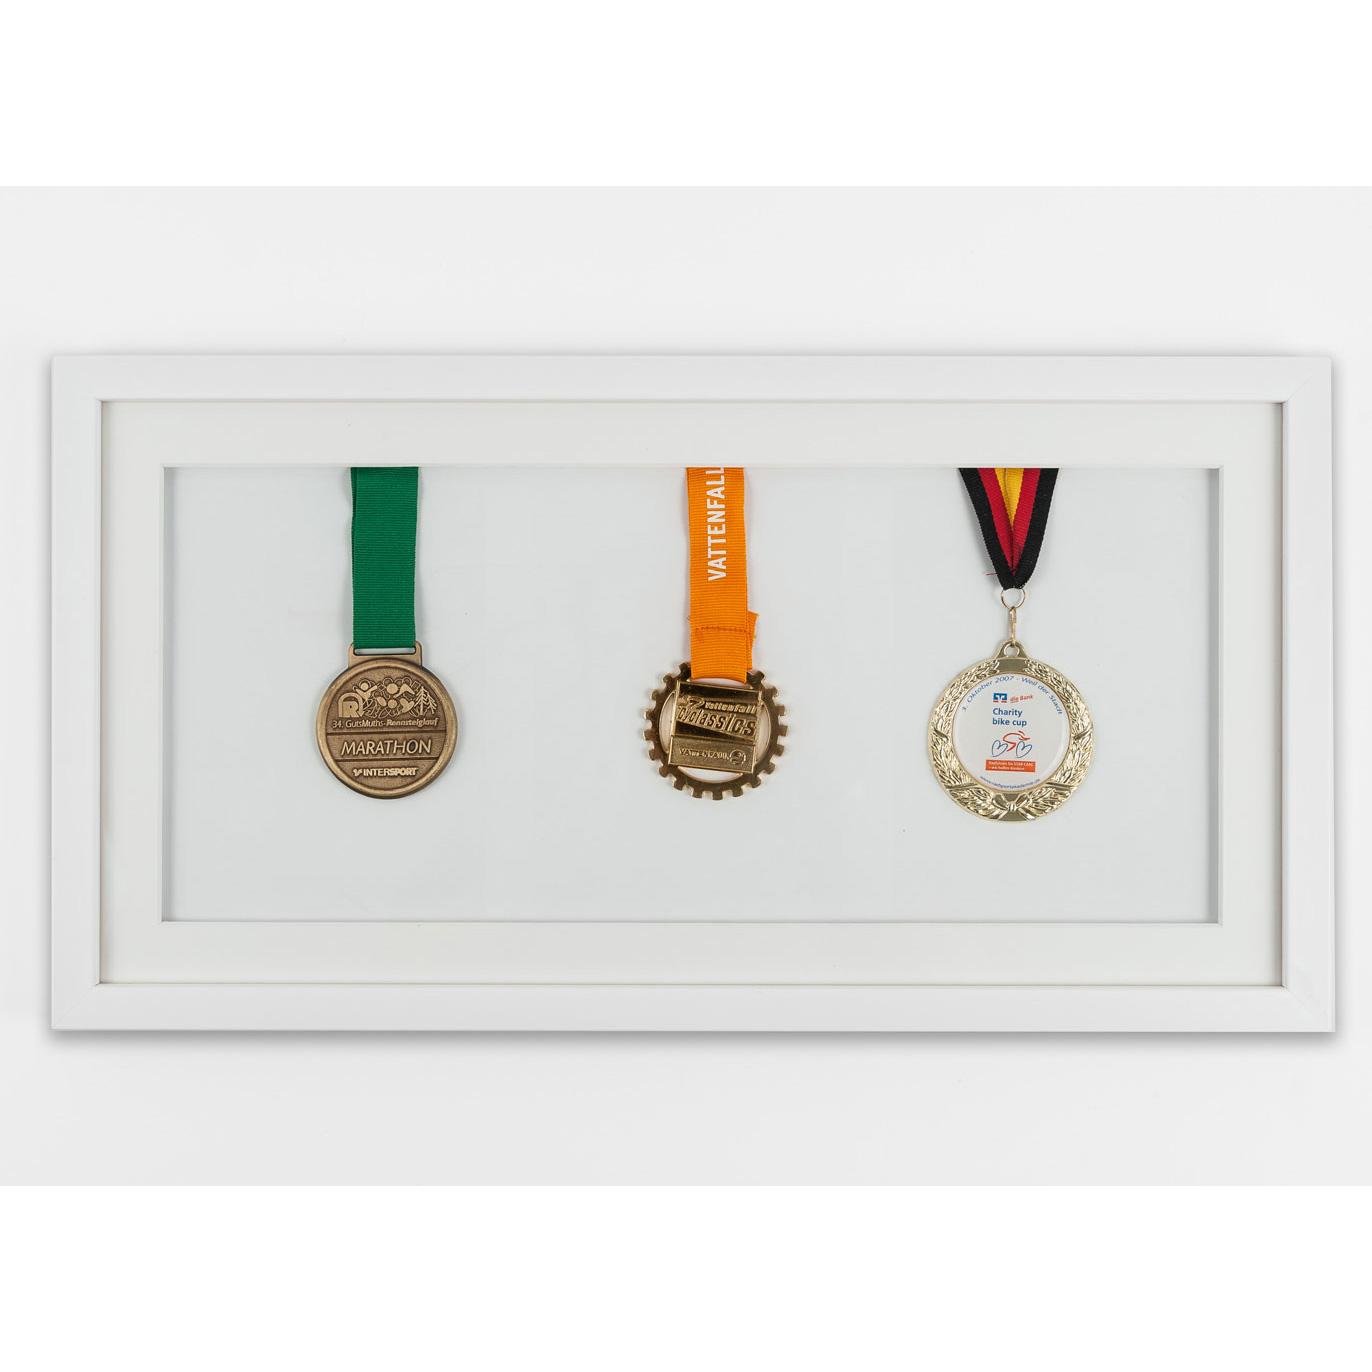 Medaillenrahmen 25x50 cm, weiß